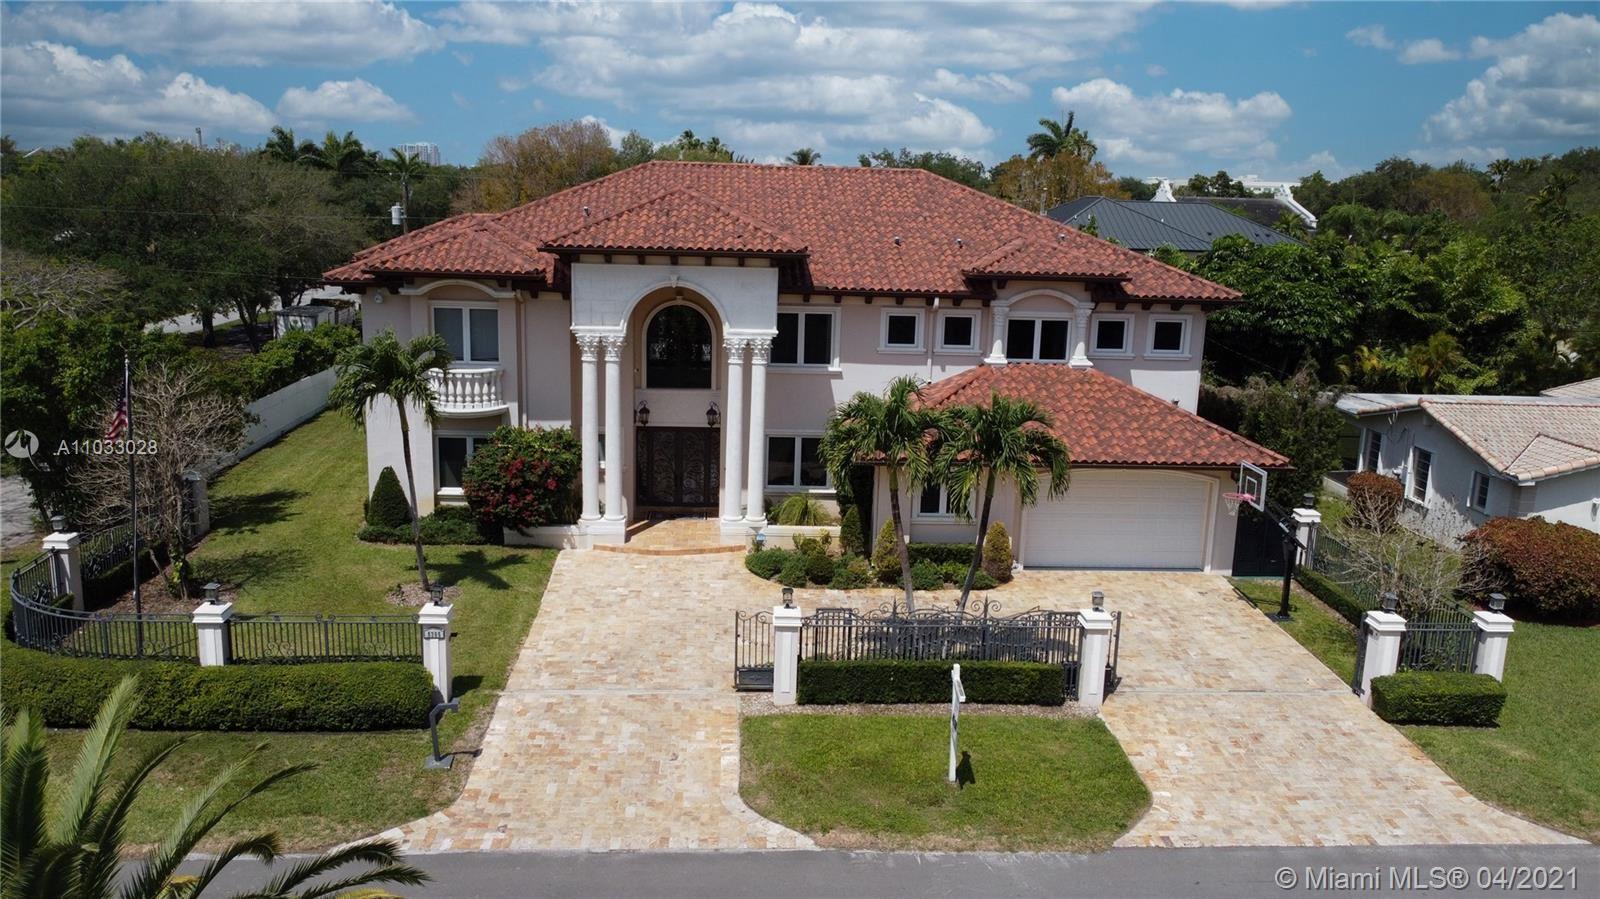 5385 SW 76th St, Miami, FL 33143 - #: A11033028